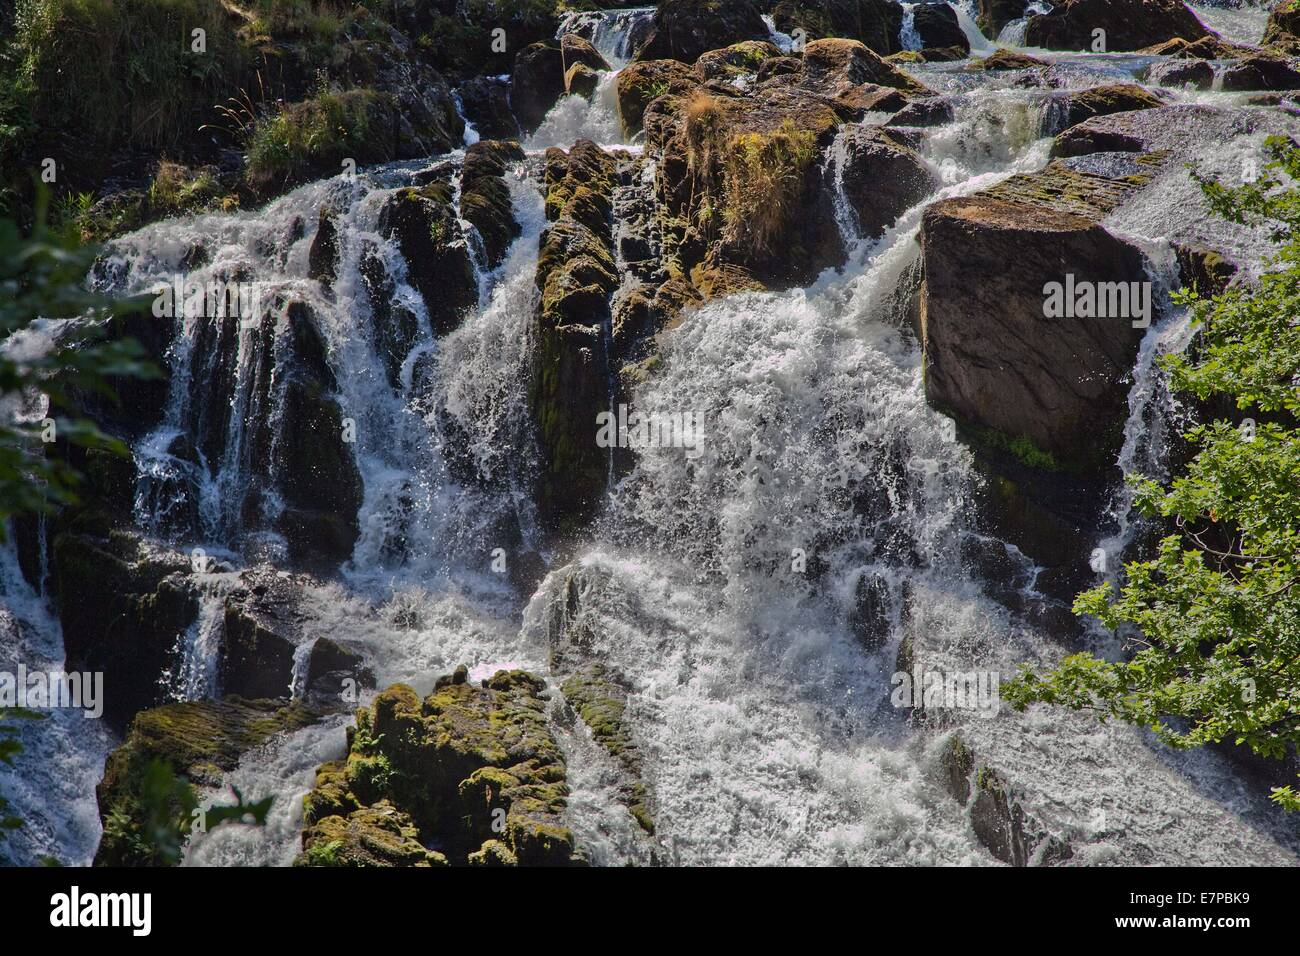 Schlucken fällt in Betws-y-Coed Nord-Wales die Wasserfällen gespeist werden durch den Fluss Conway. Stockbild